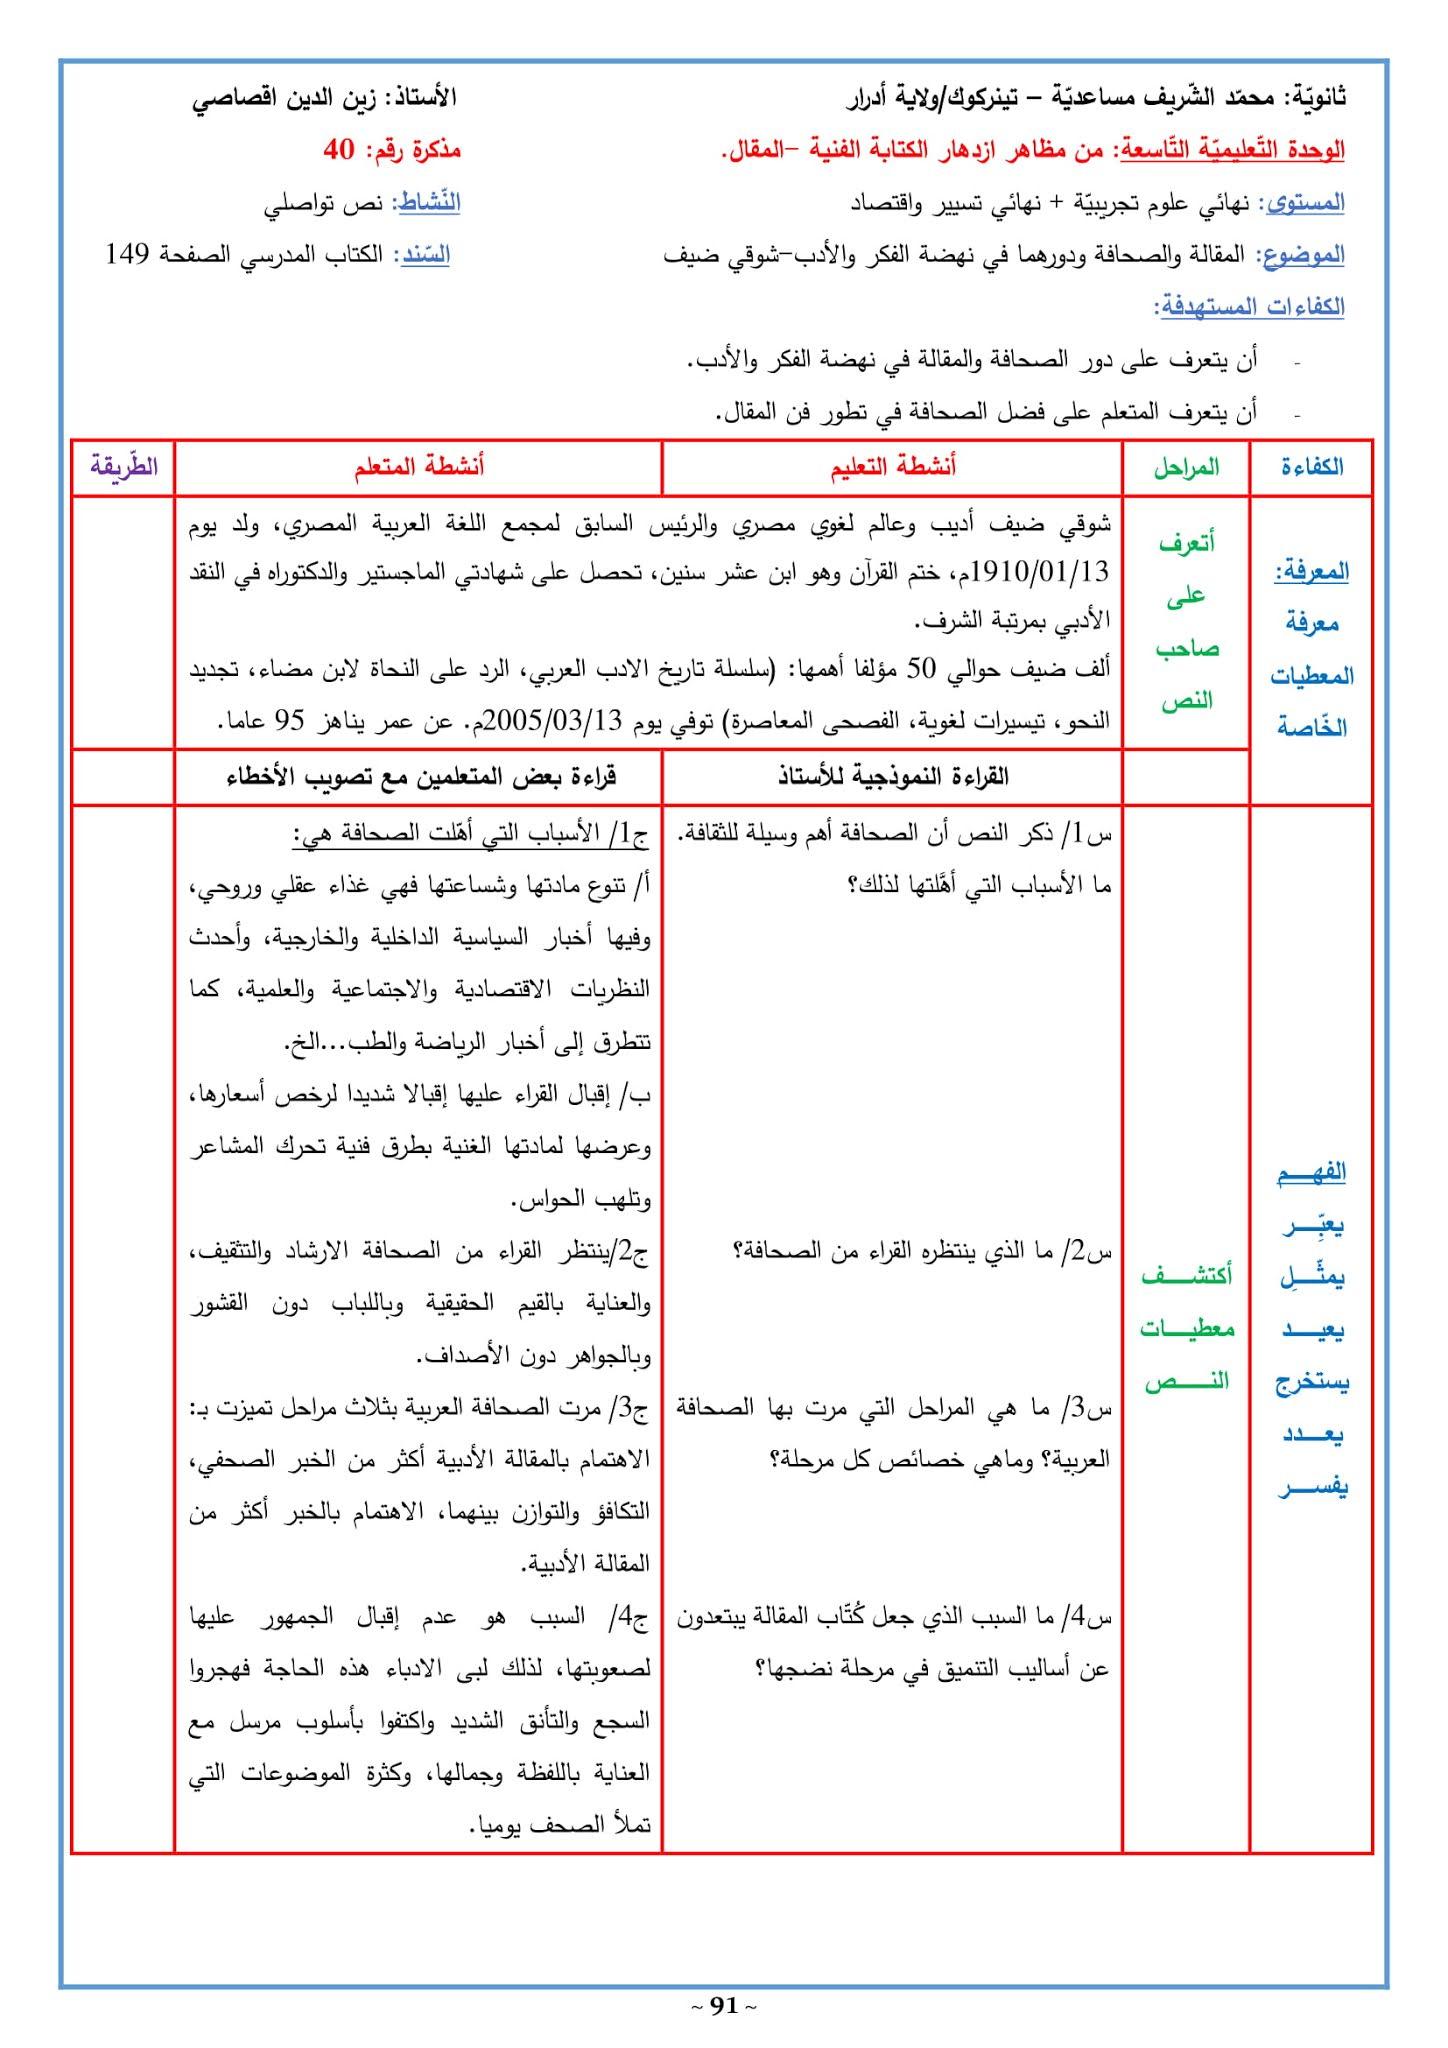 تحضير نص المقالة والصحافة ودورهما في نهضة الفكر والأدب 3 ثانوي